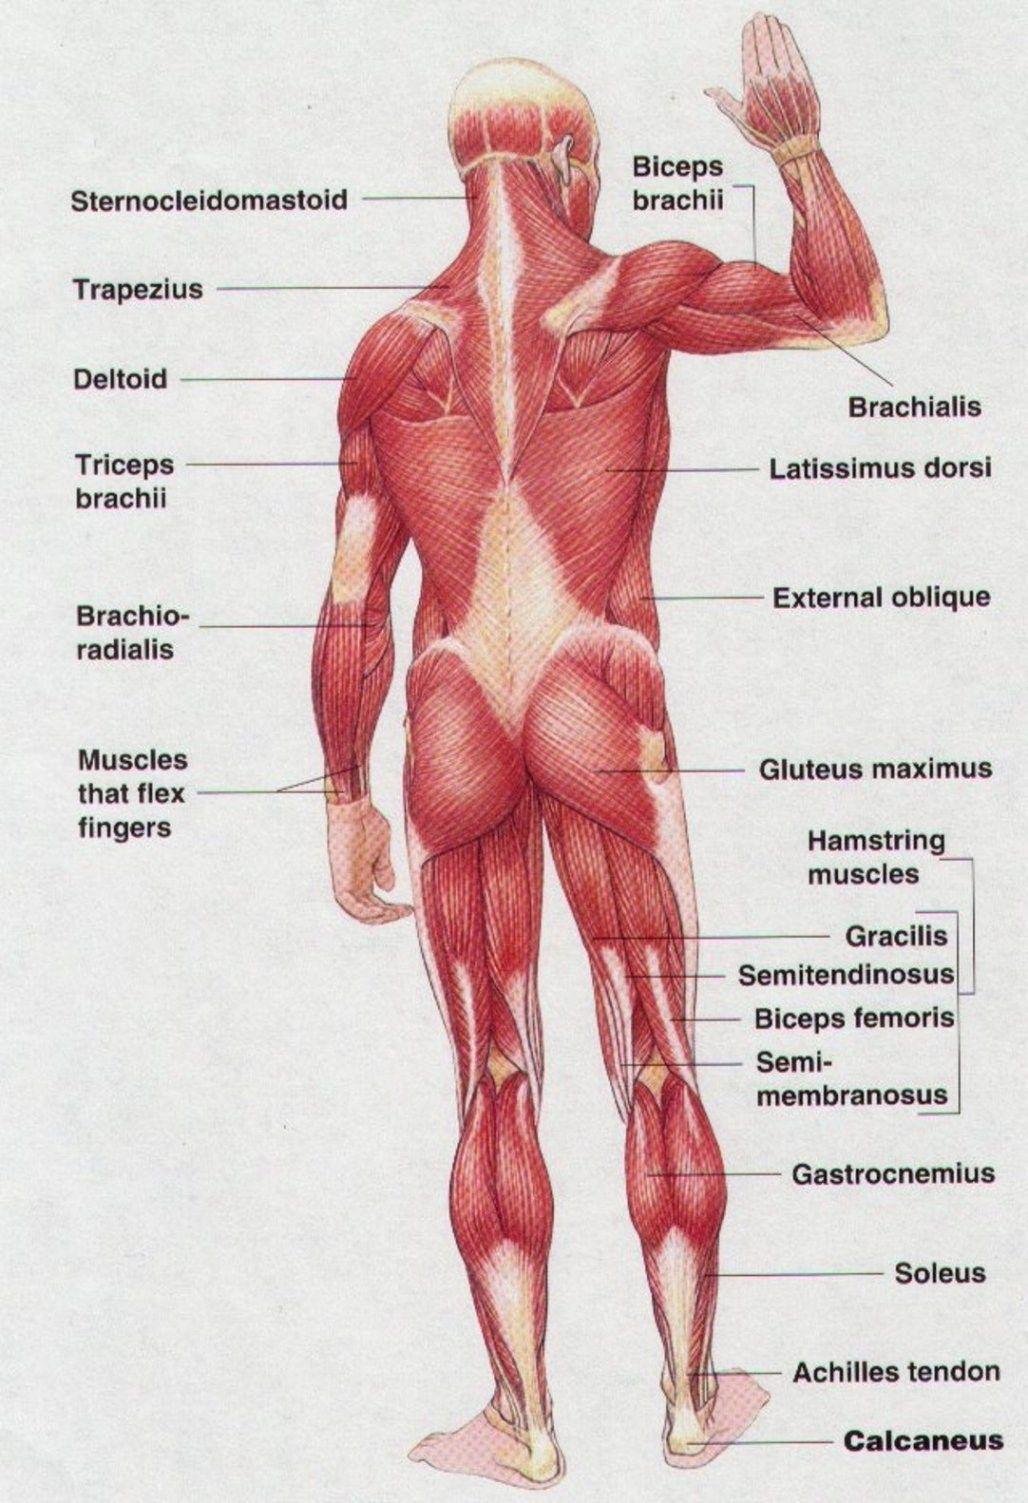 human back muscle diagram human back muscle diagram lower back muscle diagrams labeled muscles human [ 1028 x 1503 Pixel ]